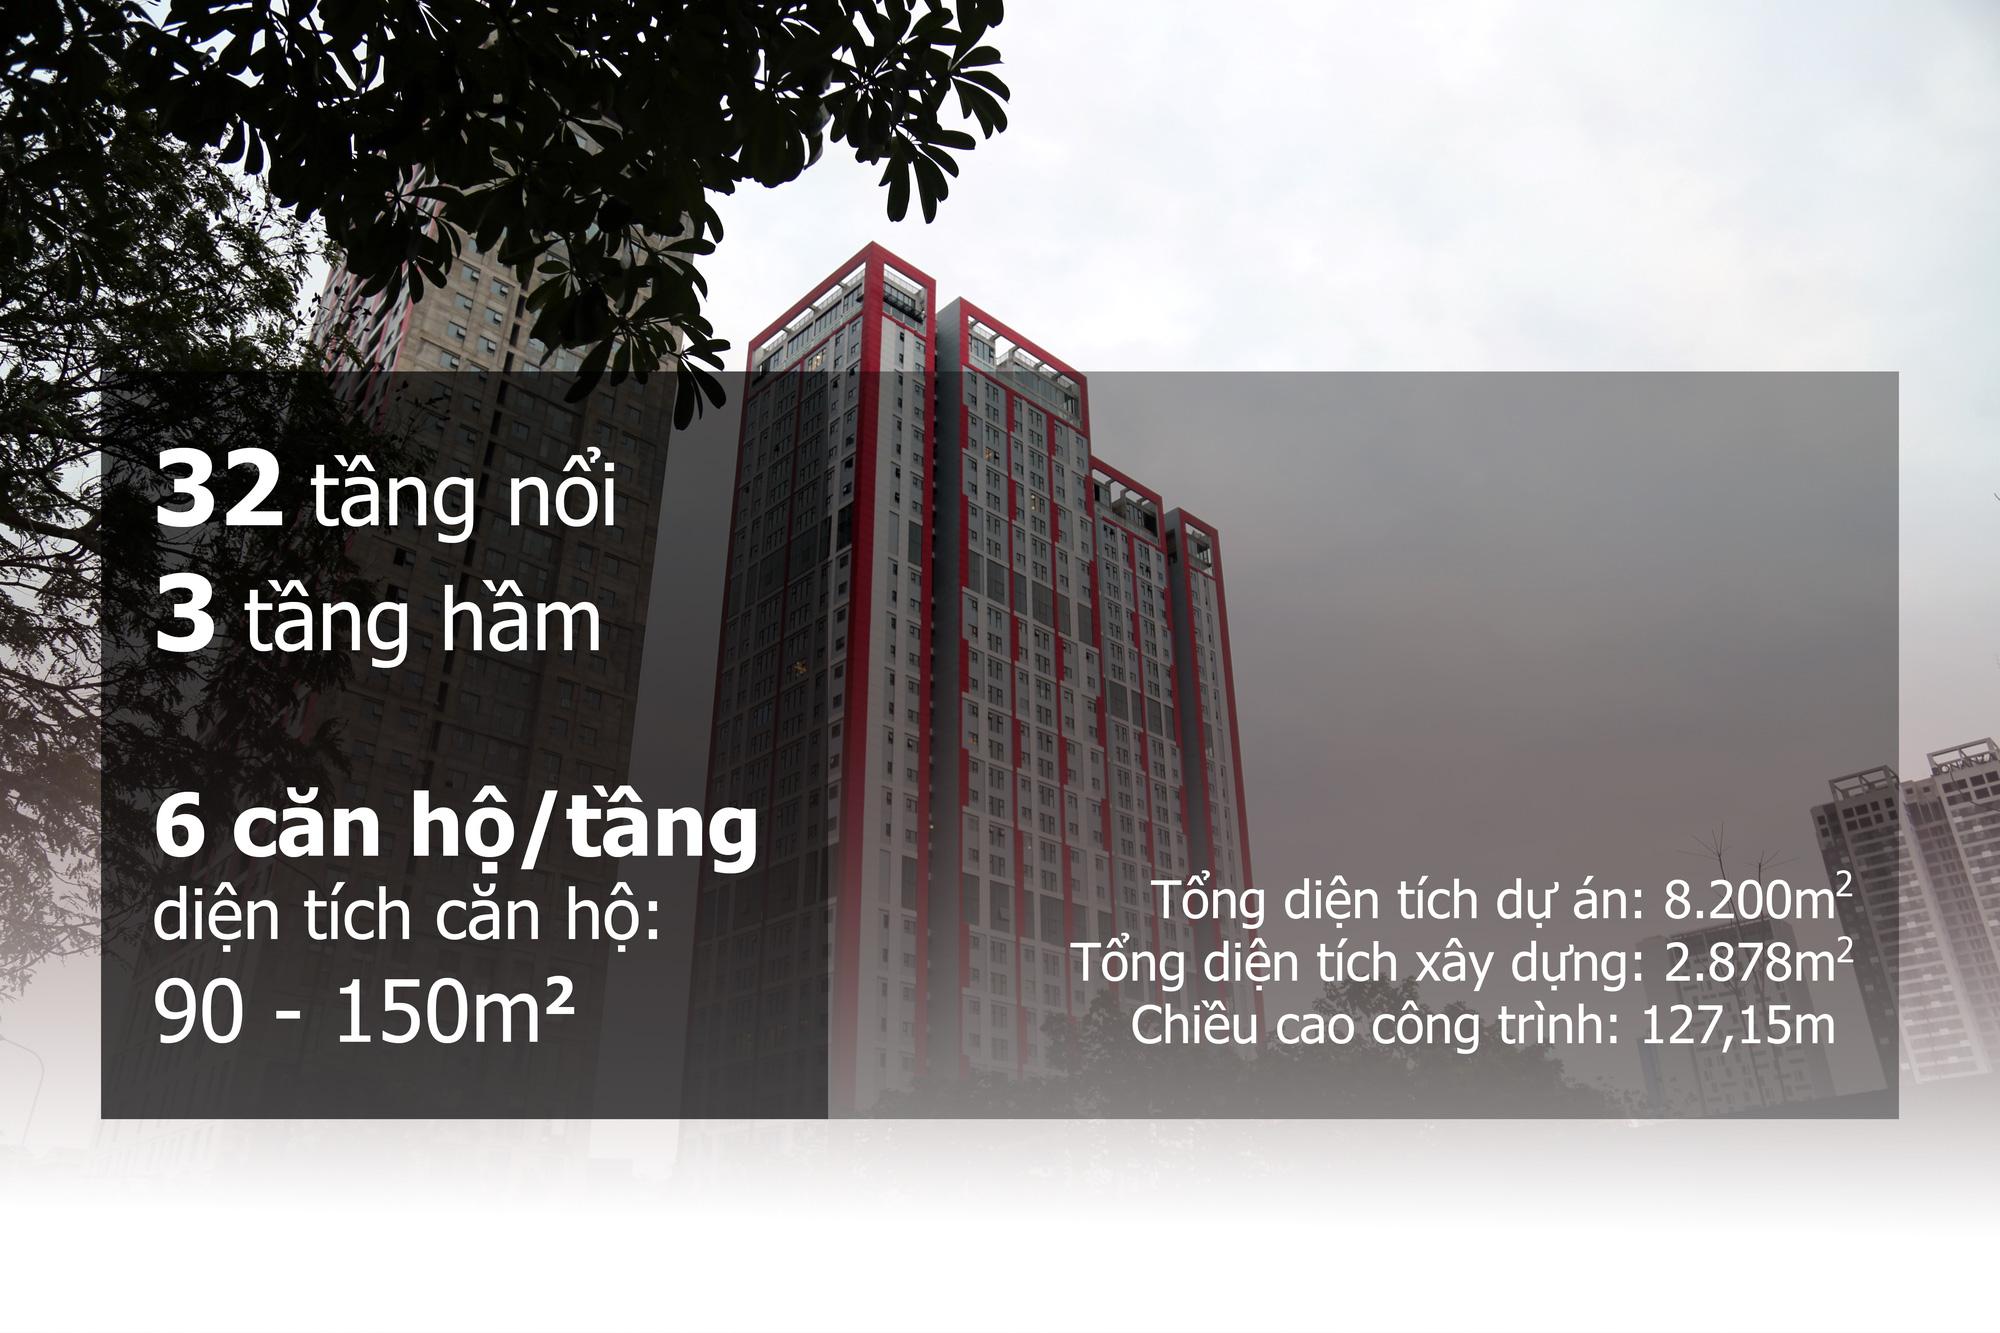 Dự án Hà Nội Paragon đang mở bán: Hai mặt tiền, vài bước ra vành đai ba - Ảnh 4.